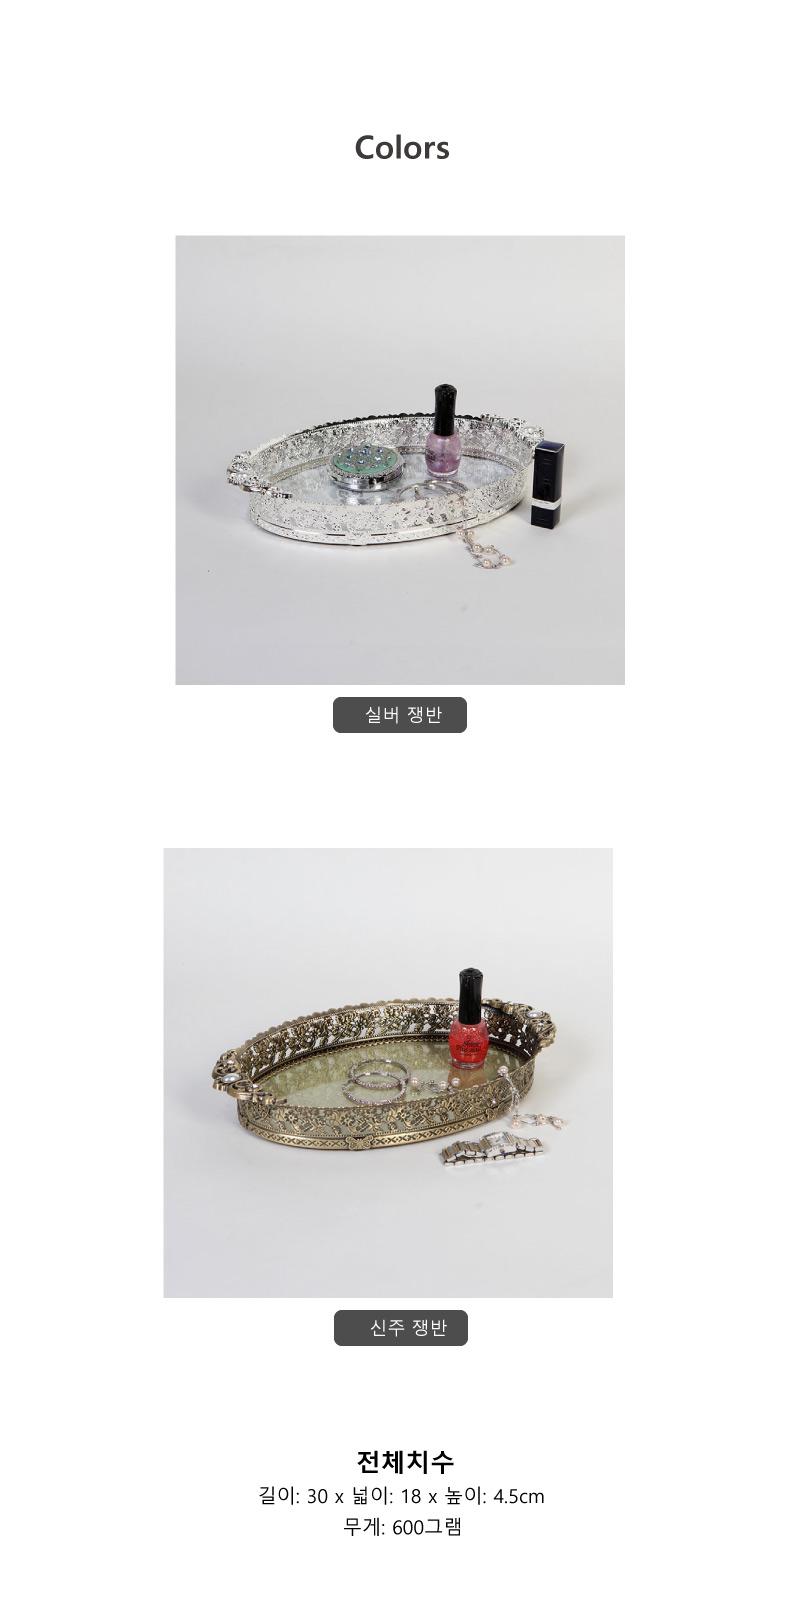 큐티메탈 루비 배너티 화장대정리 수납 쟁반 스몰-2색상 - 크레디스, 24,800원, 정리함, 화장품정리함